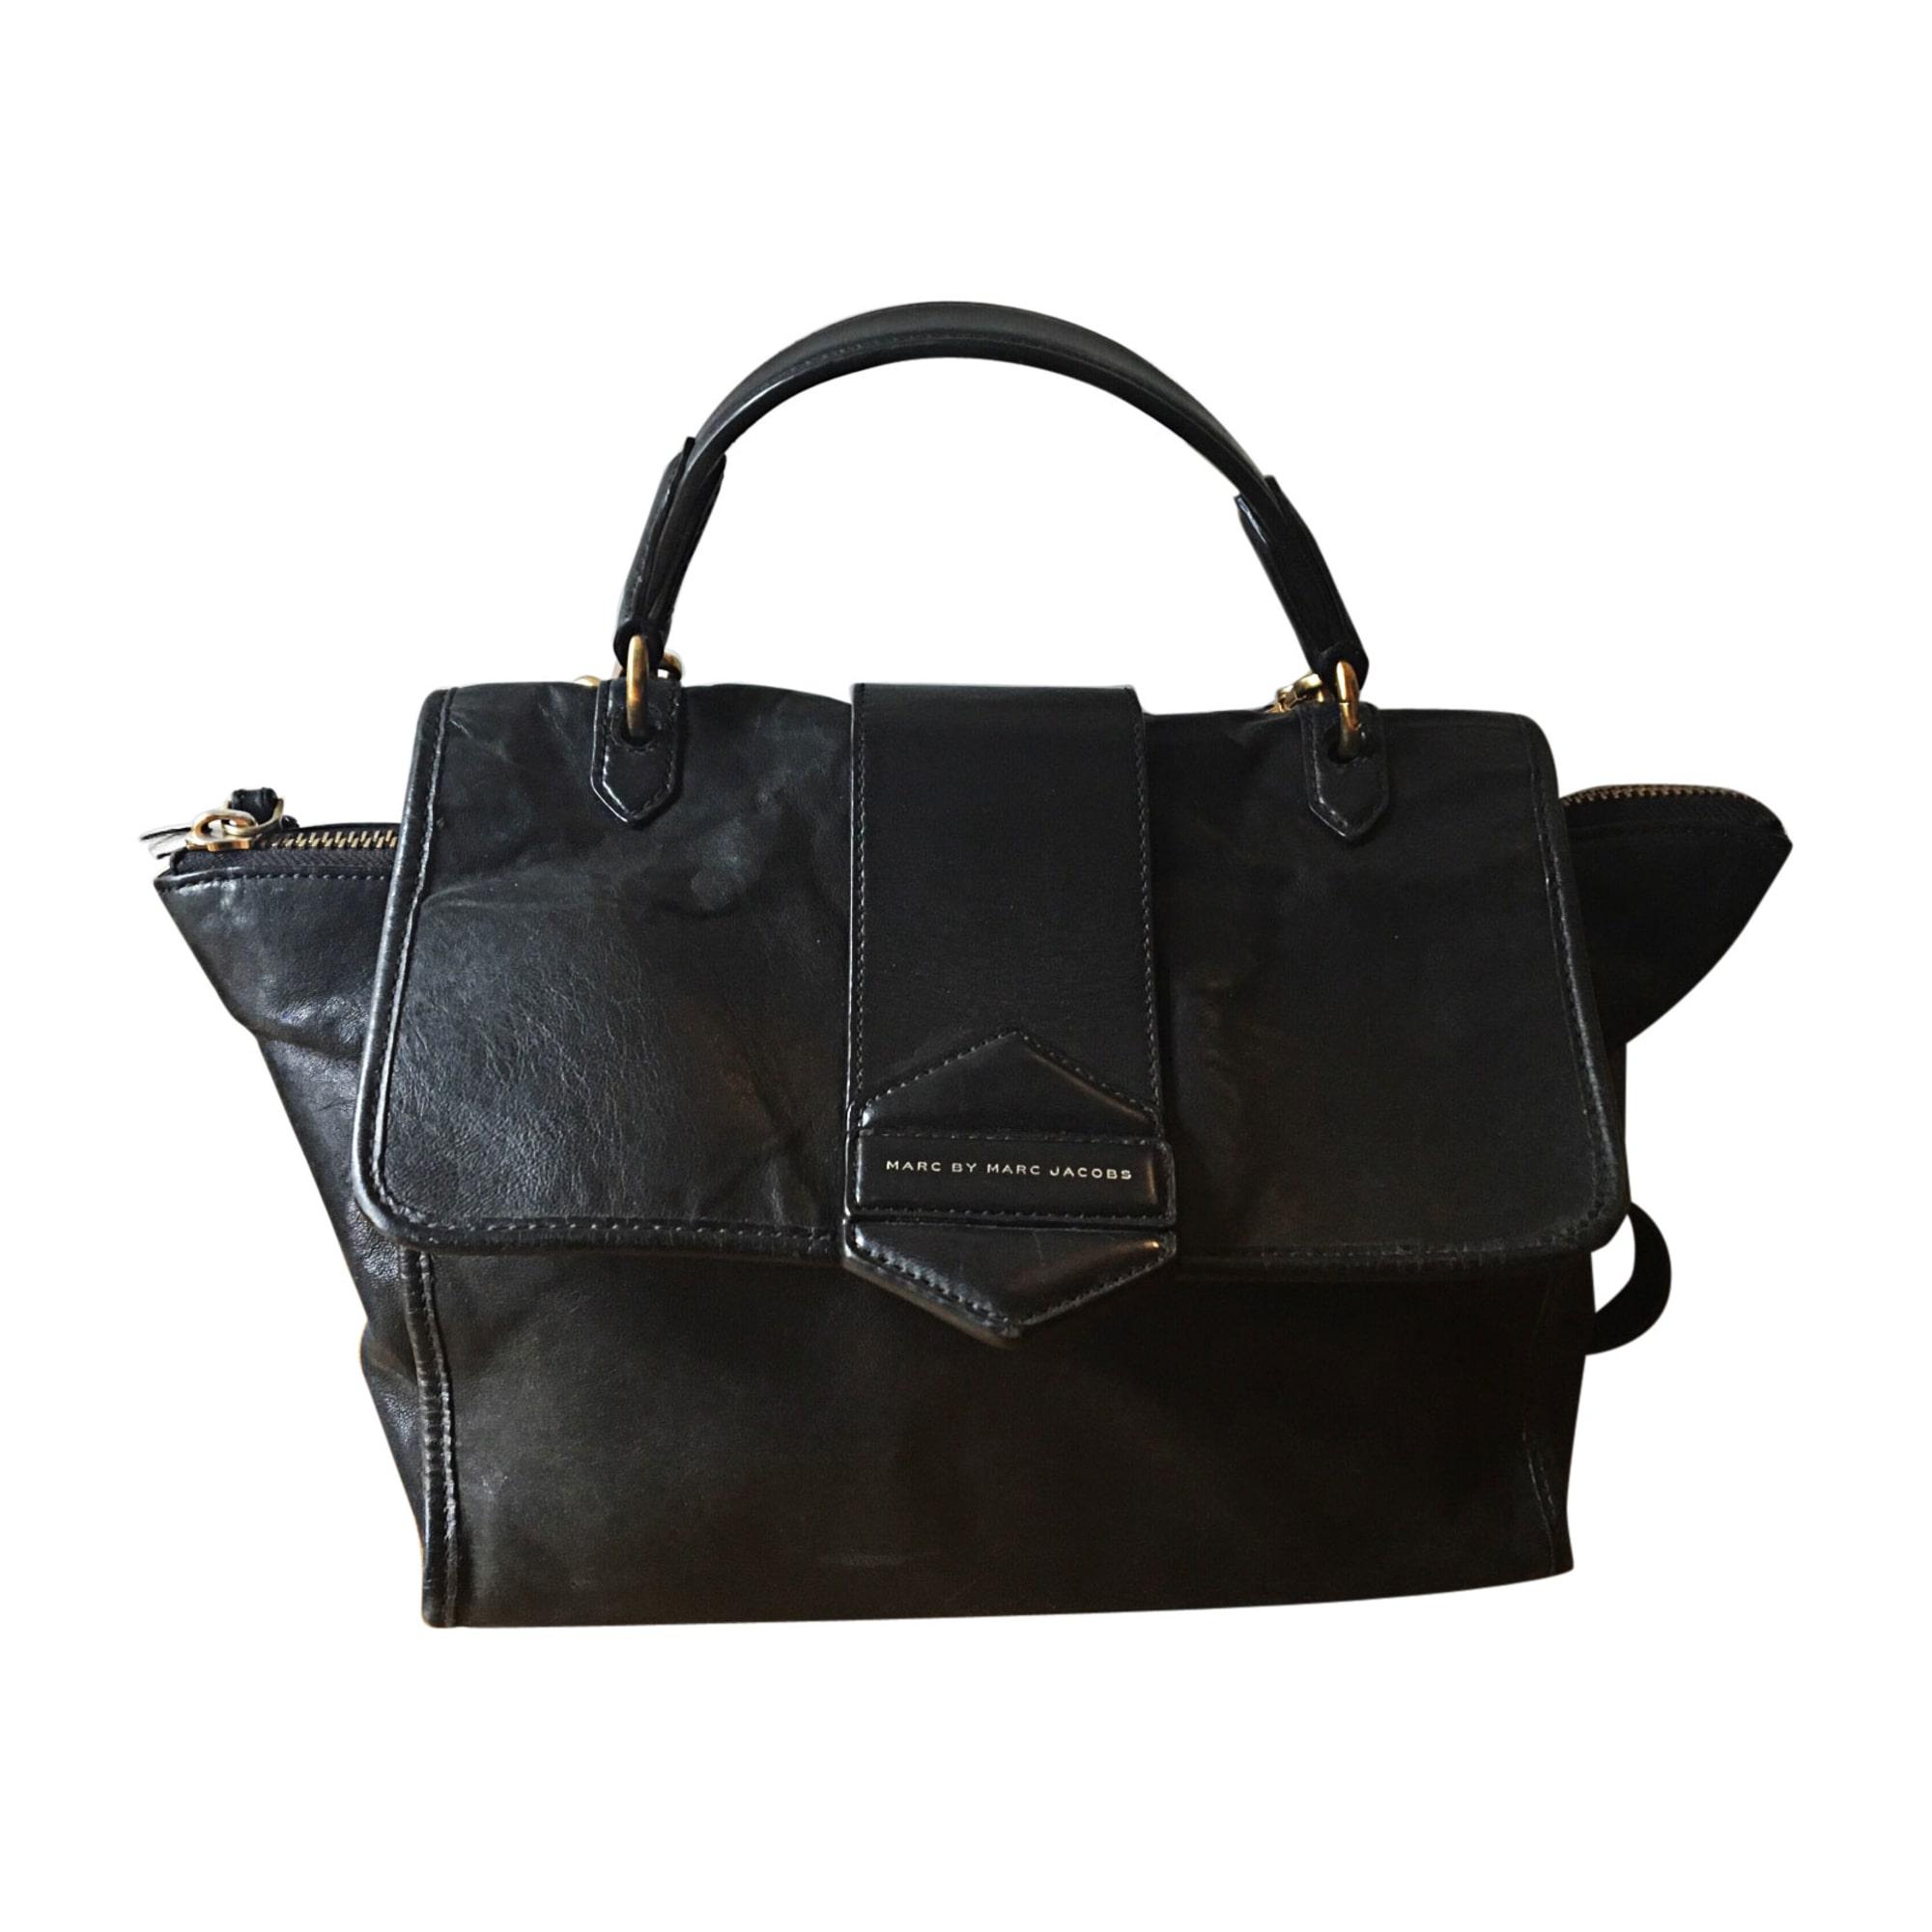 c40513ebe89 Sac à main en cuir MARC JACOBS noir vendu par Camille h - 7986108